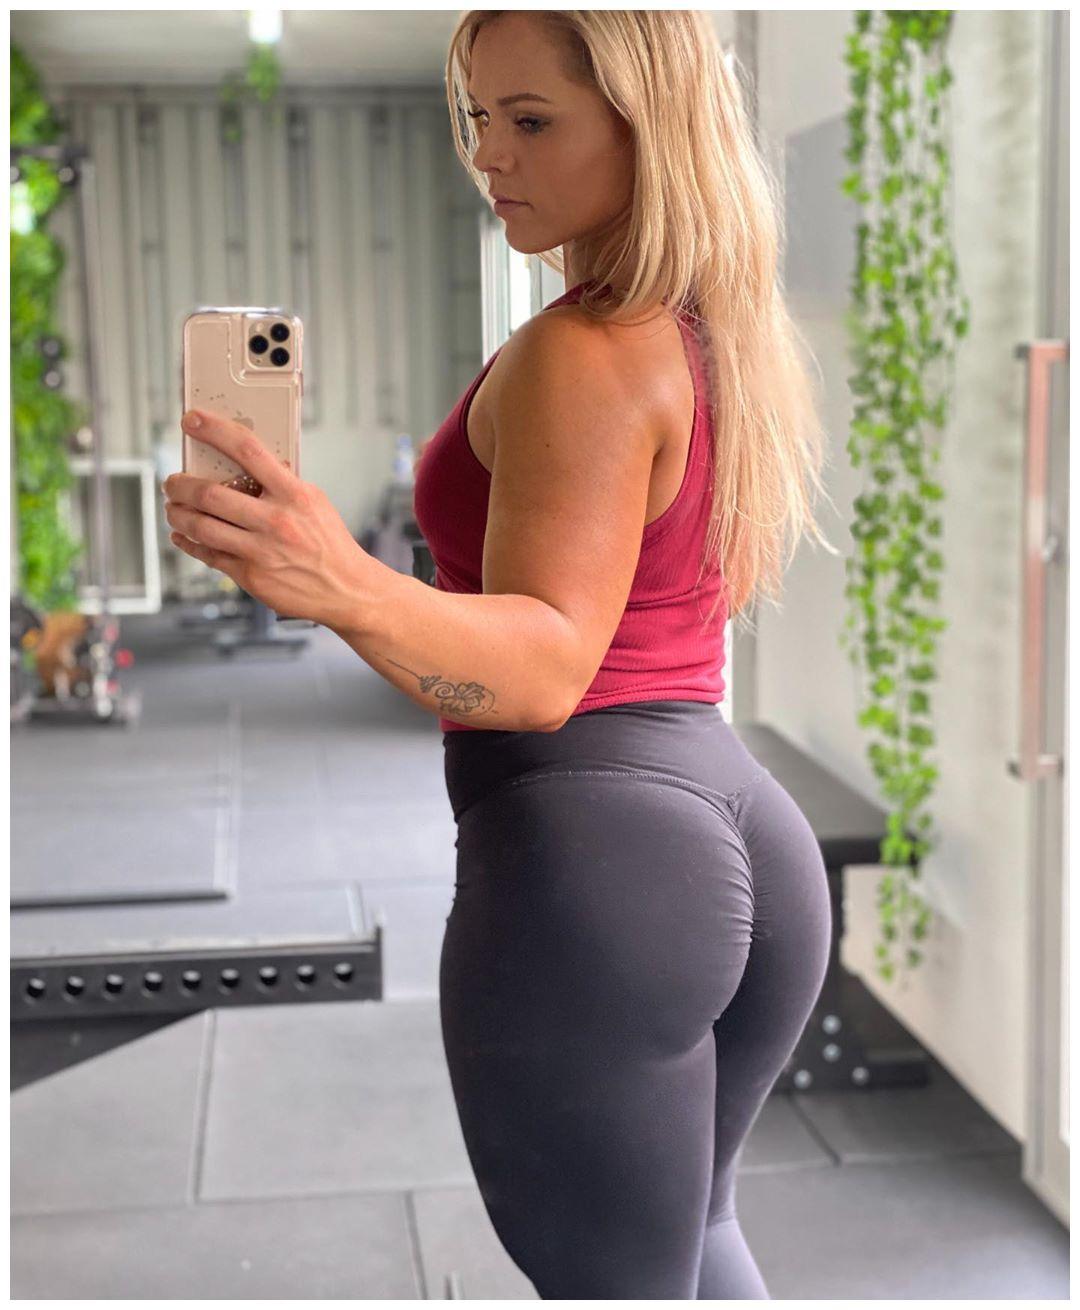 加拿大健身模特身材高大,臀部比列匀称迷人,不限制锻炼的结果